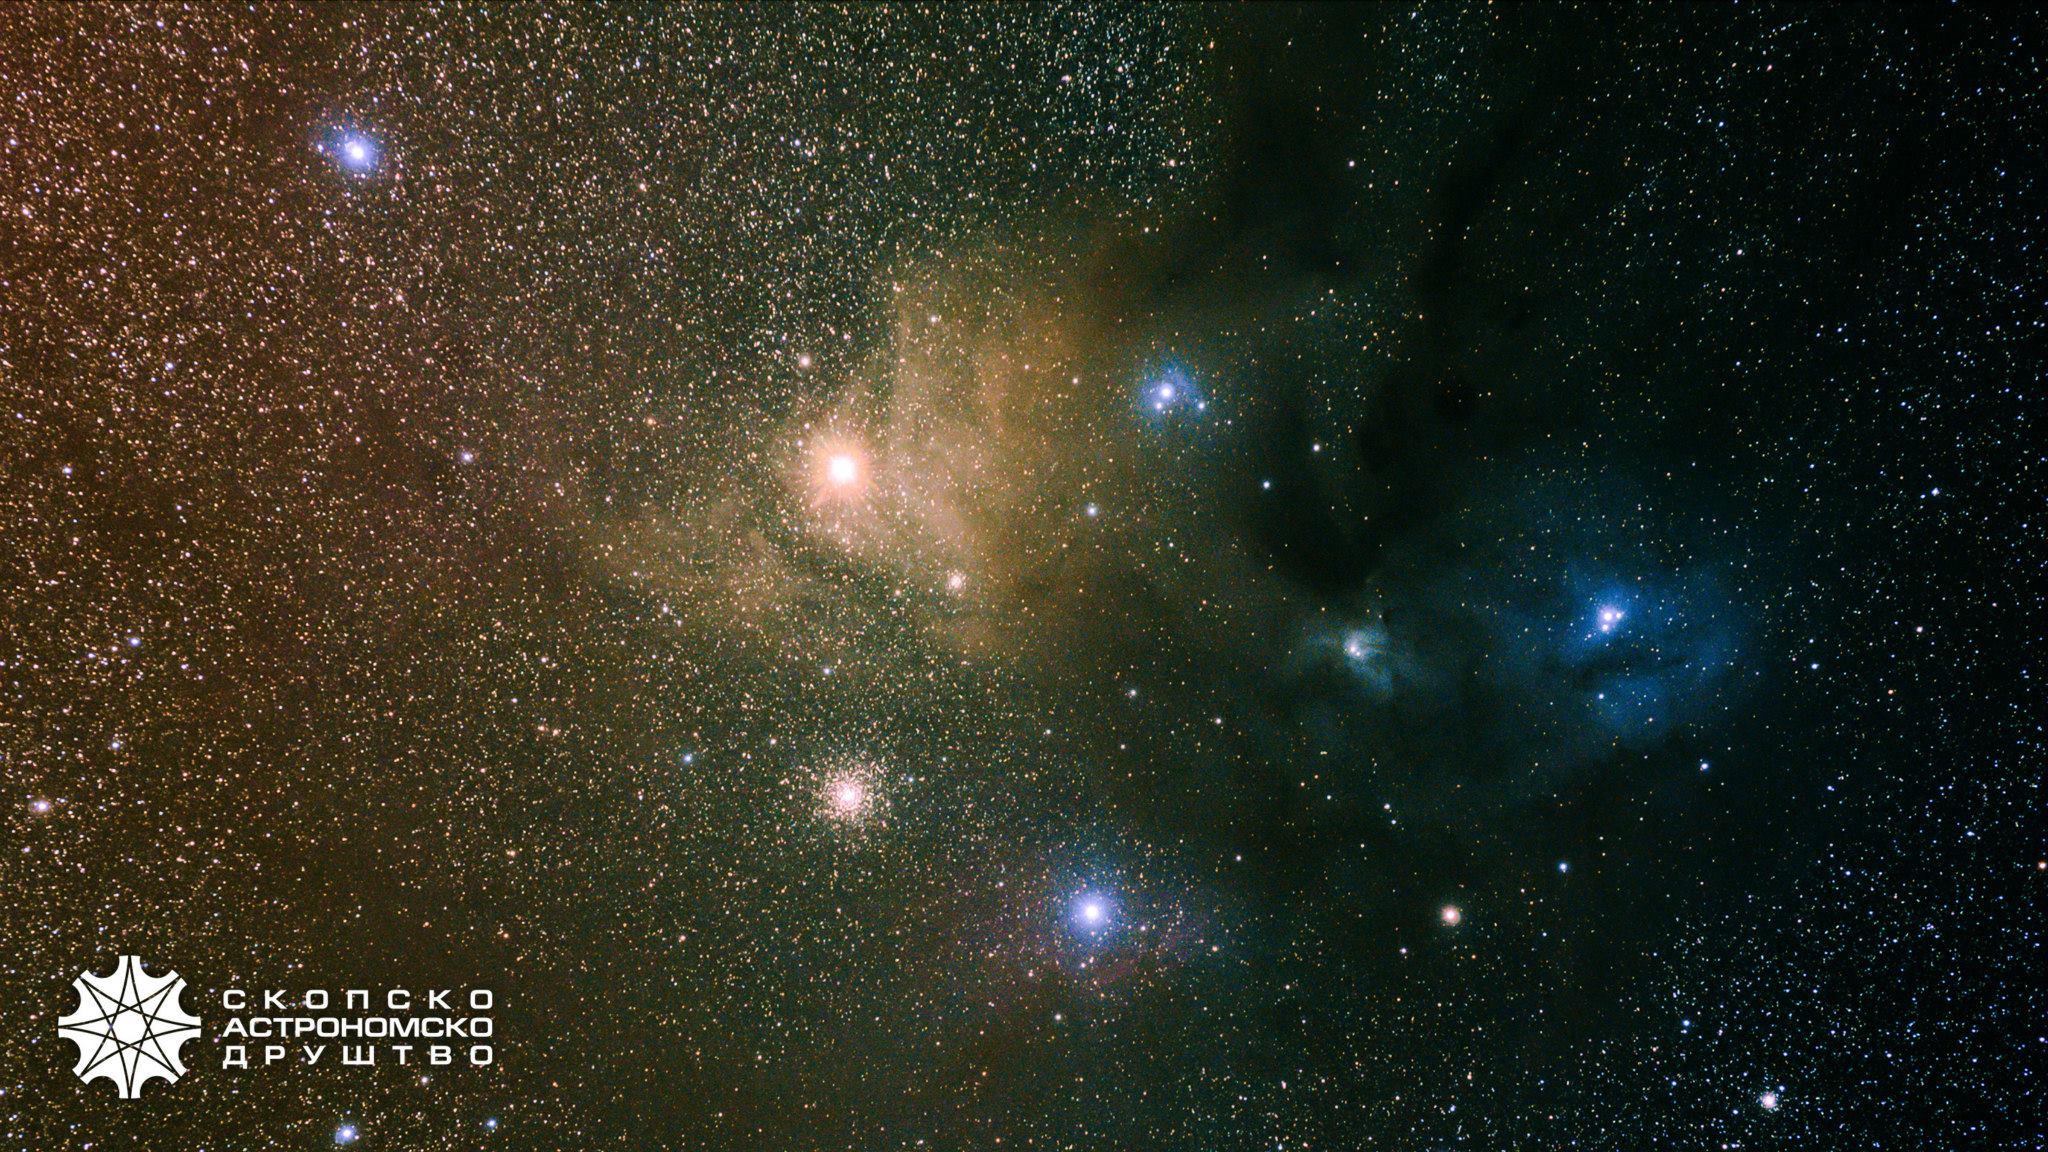 Областа околу Антарес во соѕвездијата Шкорпија и Змијоносец. Авторски права: Александар Алексов